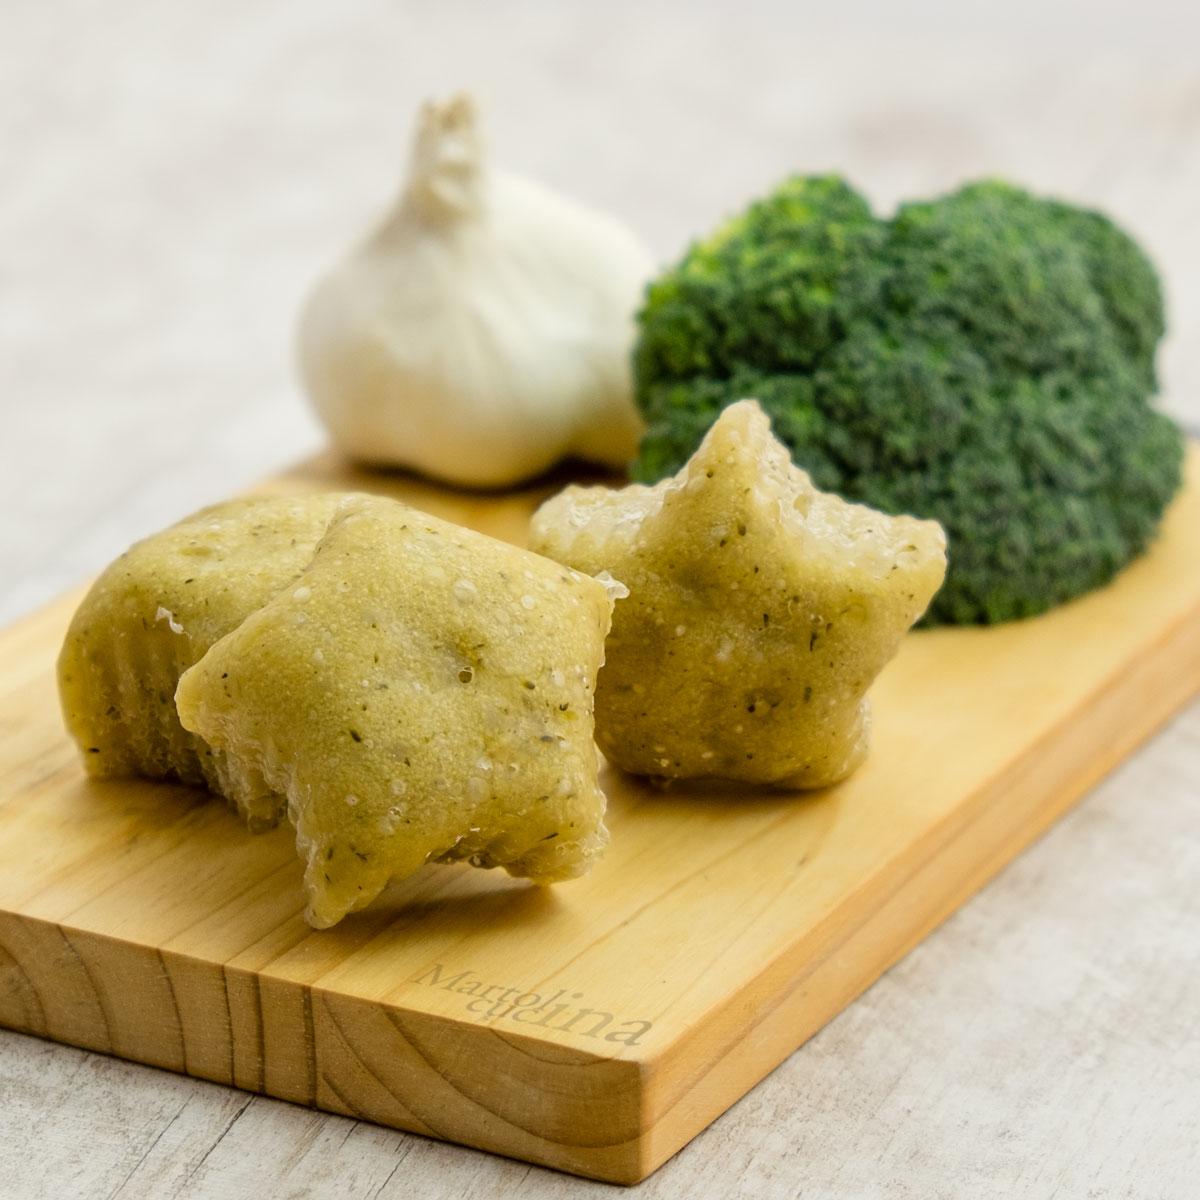 Bocconcini di pane broccoli acciughe aglio